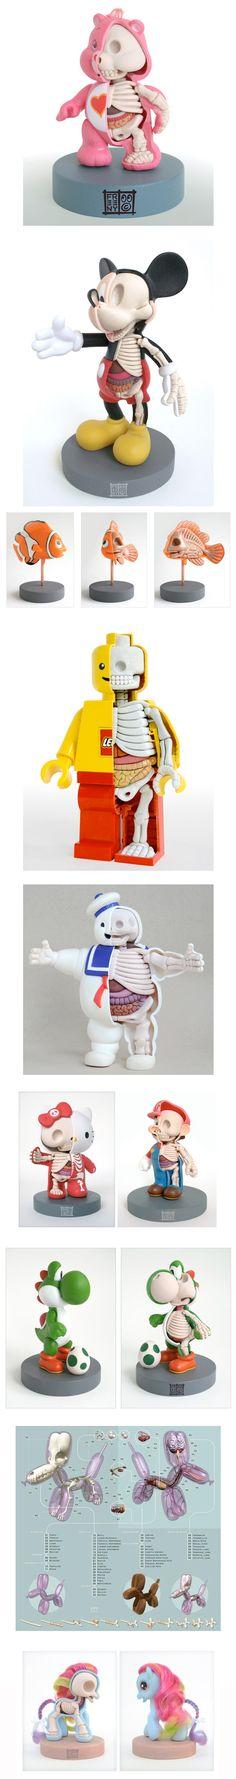 Mejores 109 imágenes de creatividad en Pinterest | Curiosidad, Cosas ...